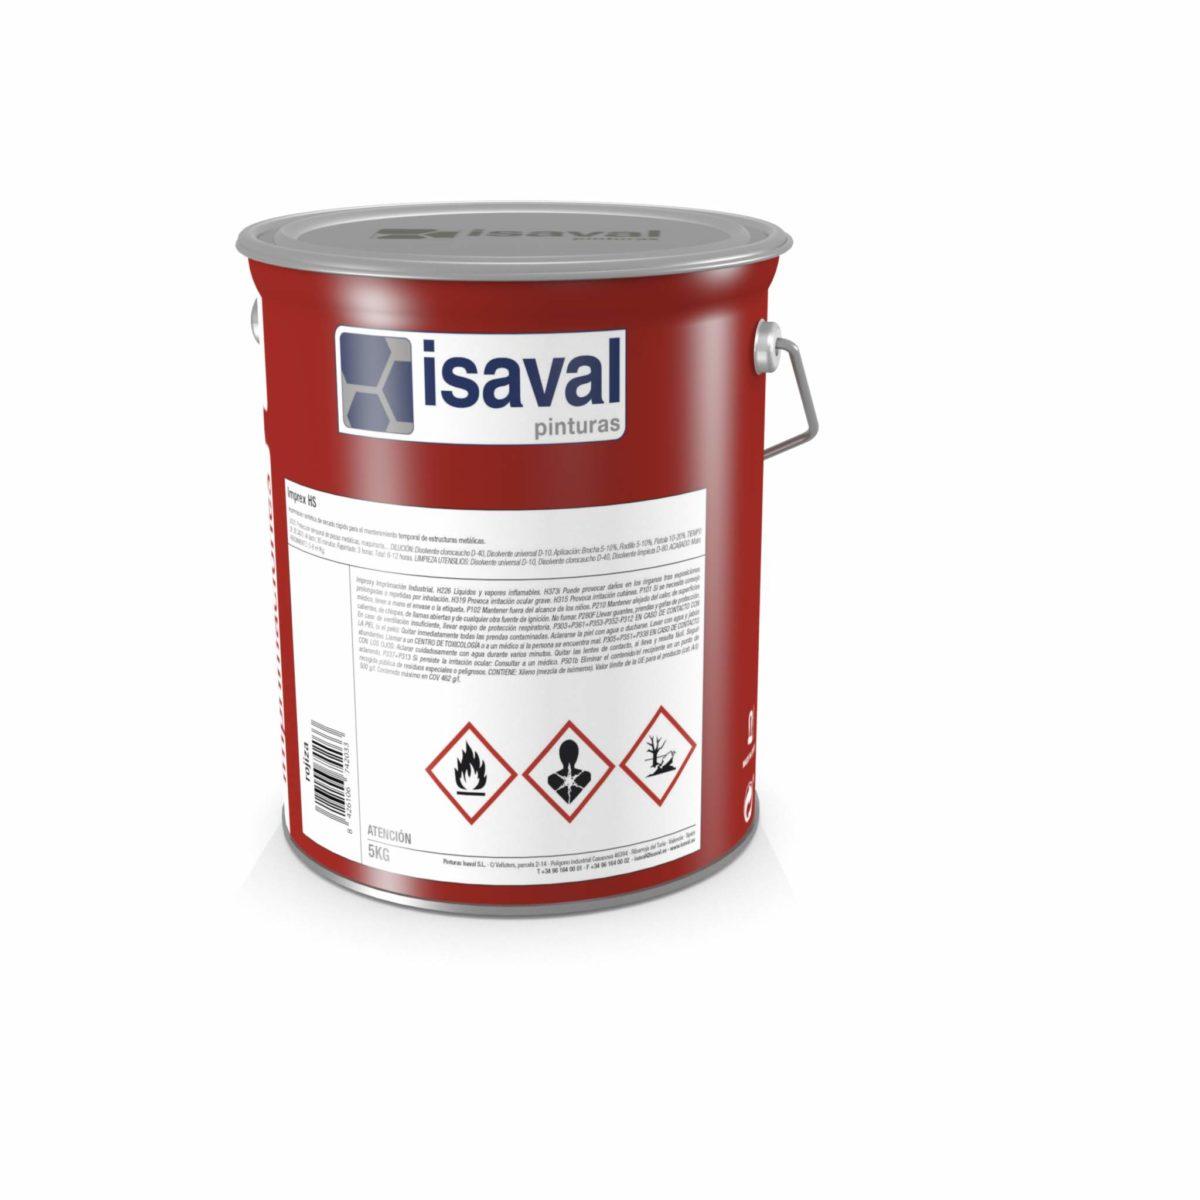 Imprex HS. Imprimación epoxi altos sólidos de Pinturas Isaval